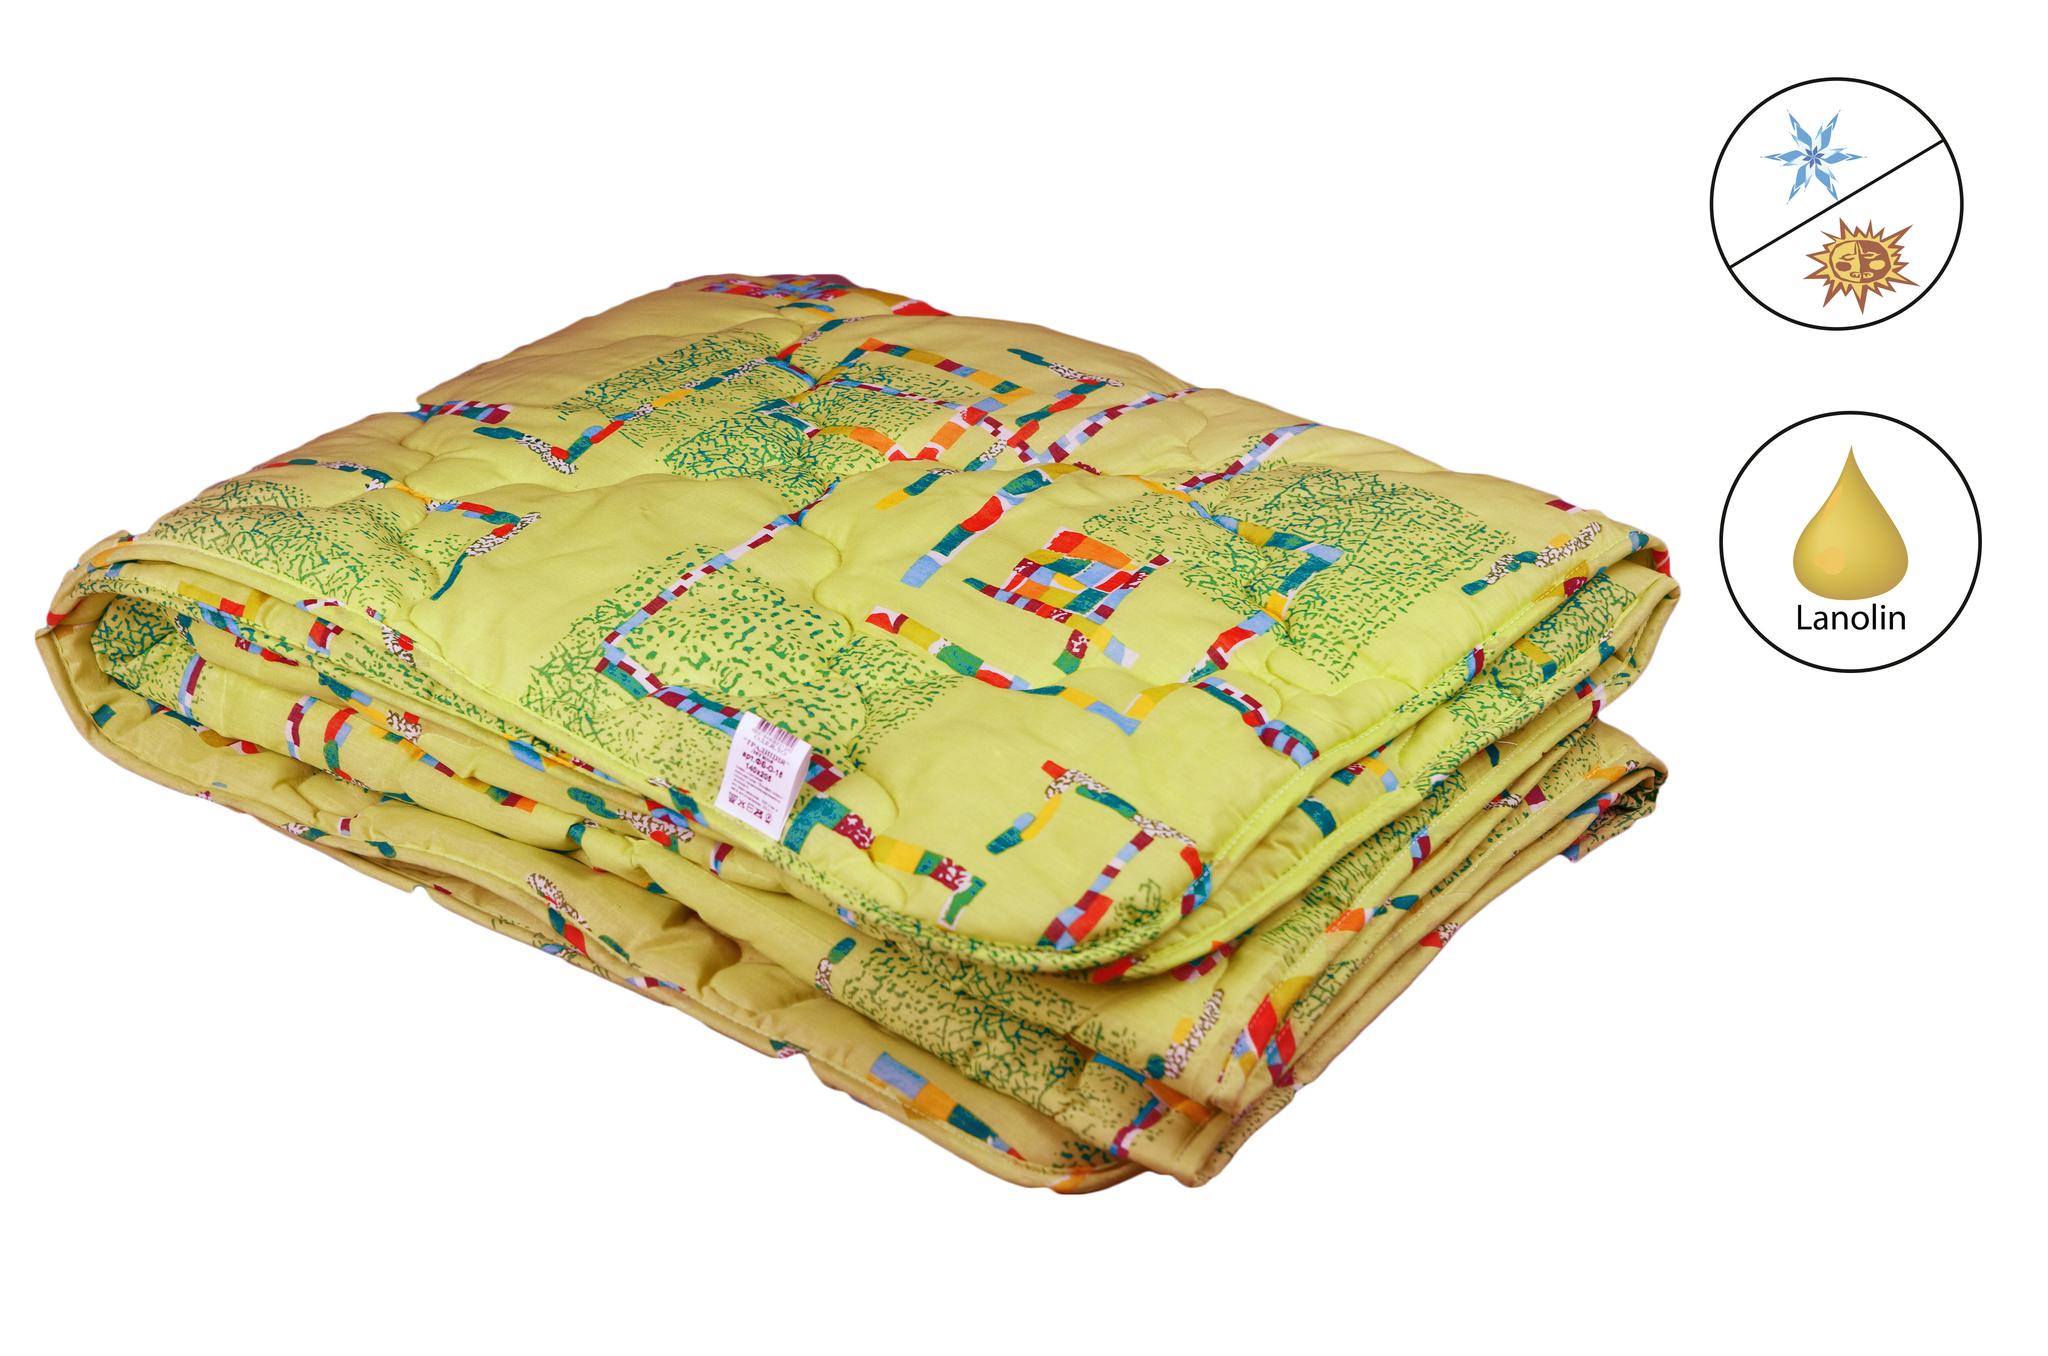 Одеяла и Подушки Одеяло Коллекции СТАНДАРТ в хлопке наполнитель овечья шерсть Легкое. Стандарт_Шерсть_одеяло_всесезонное.jpg